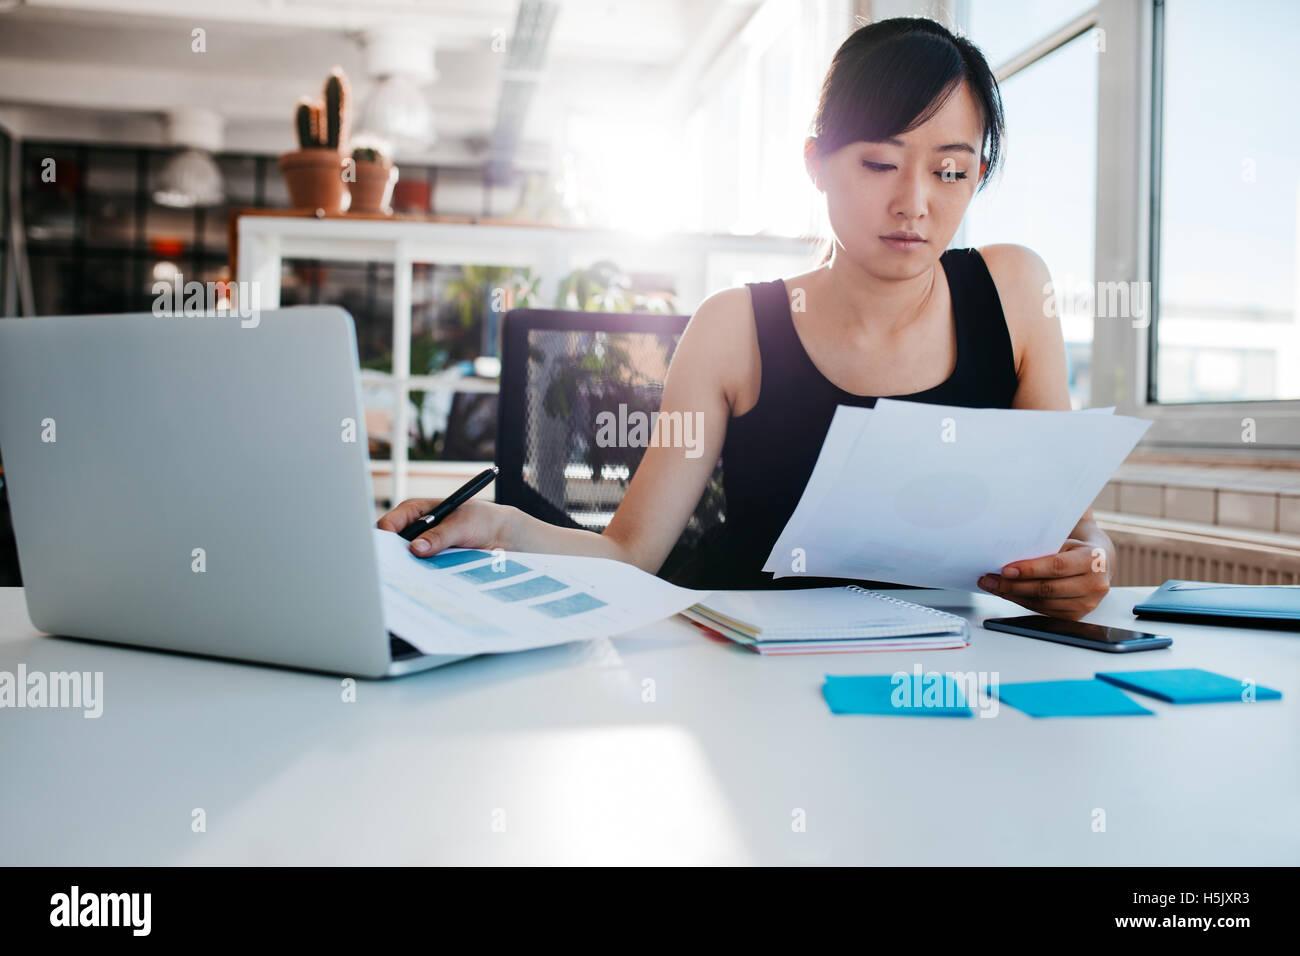 Retrato de joven mujer asiática la lectura de documentos en su escritorio. La empresaria en su trabajo haciendo Imagen De Stock